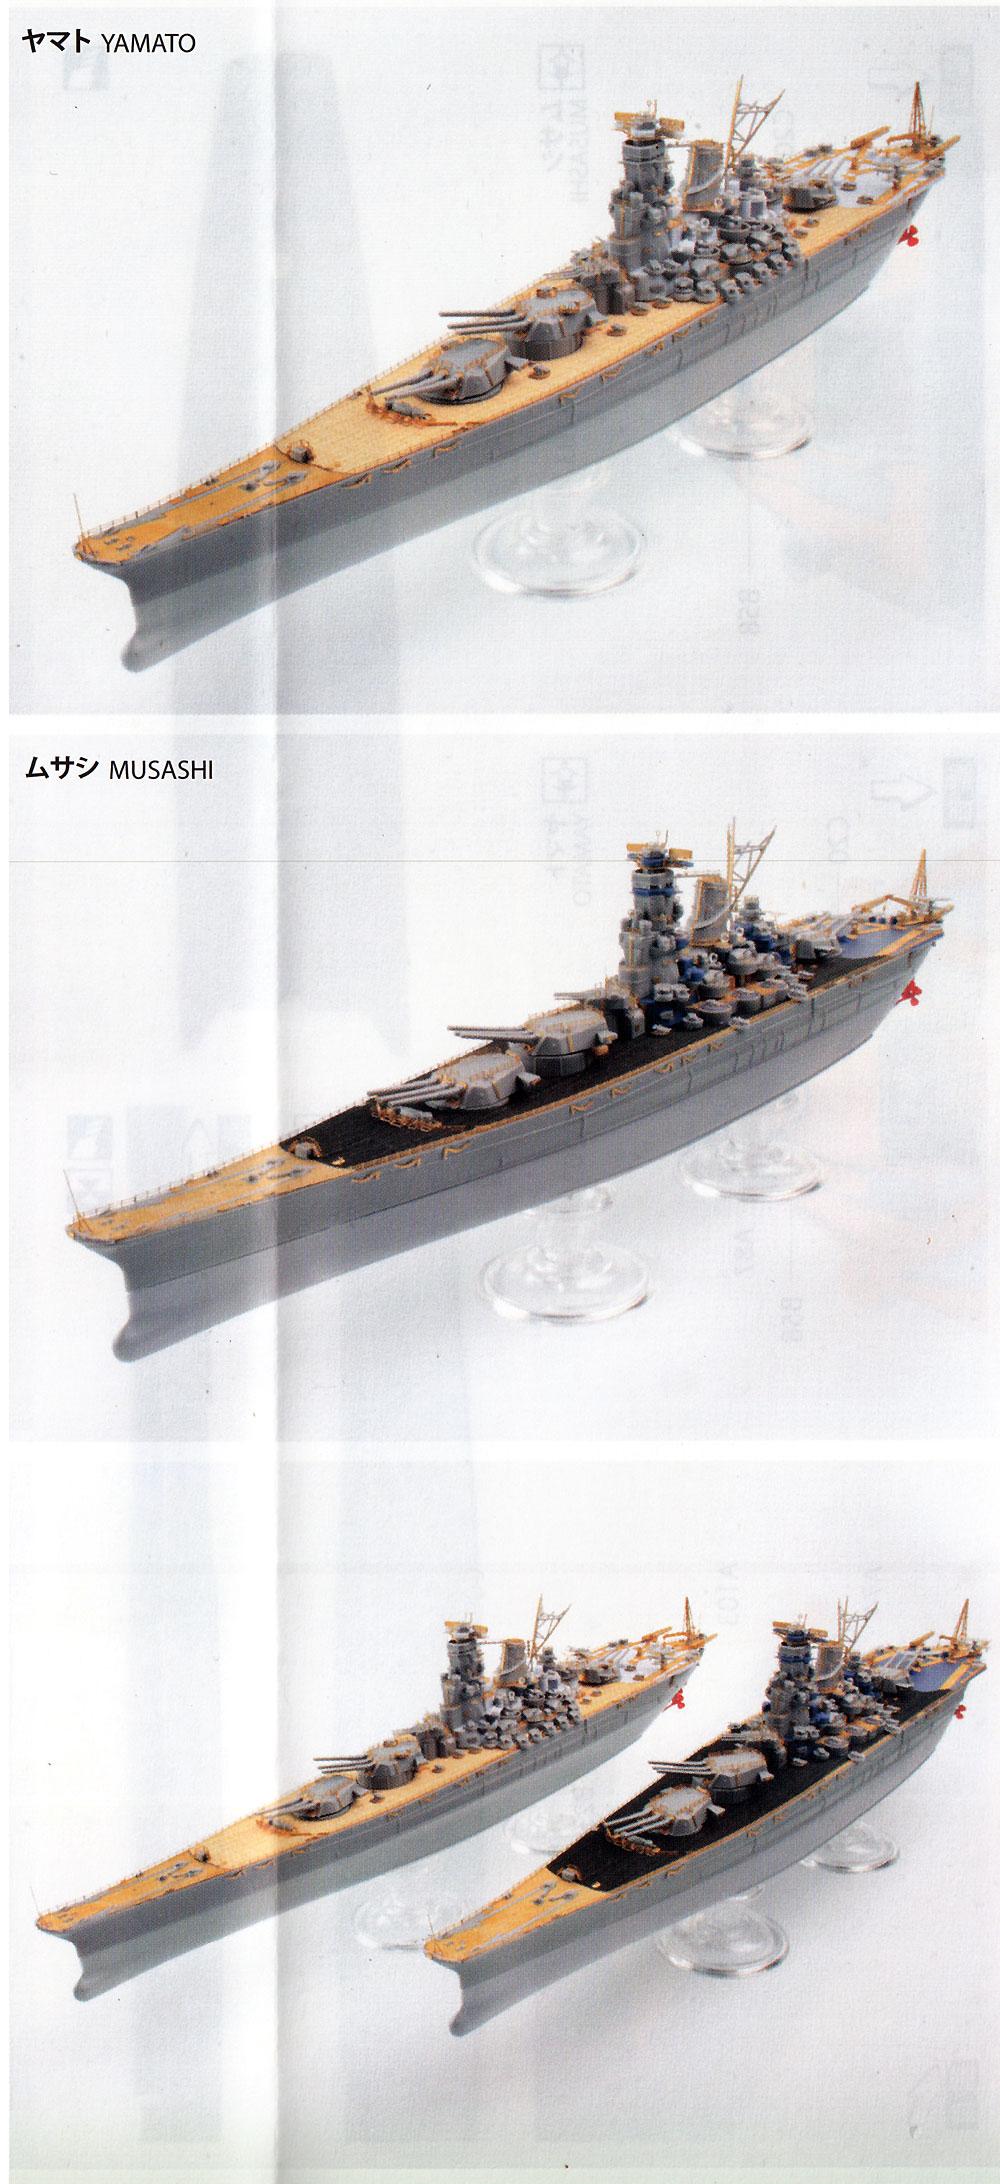 戦艦 大和型 エッチングパーツセットエッチング(アオシマ1/700 フルハルモデル ディテールアップパーツNo.052655)商品画像_1